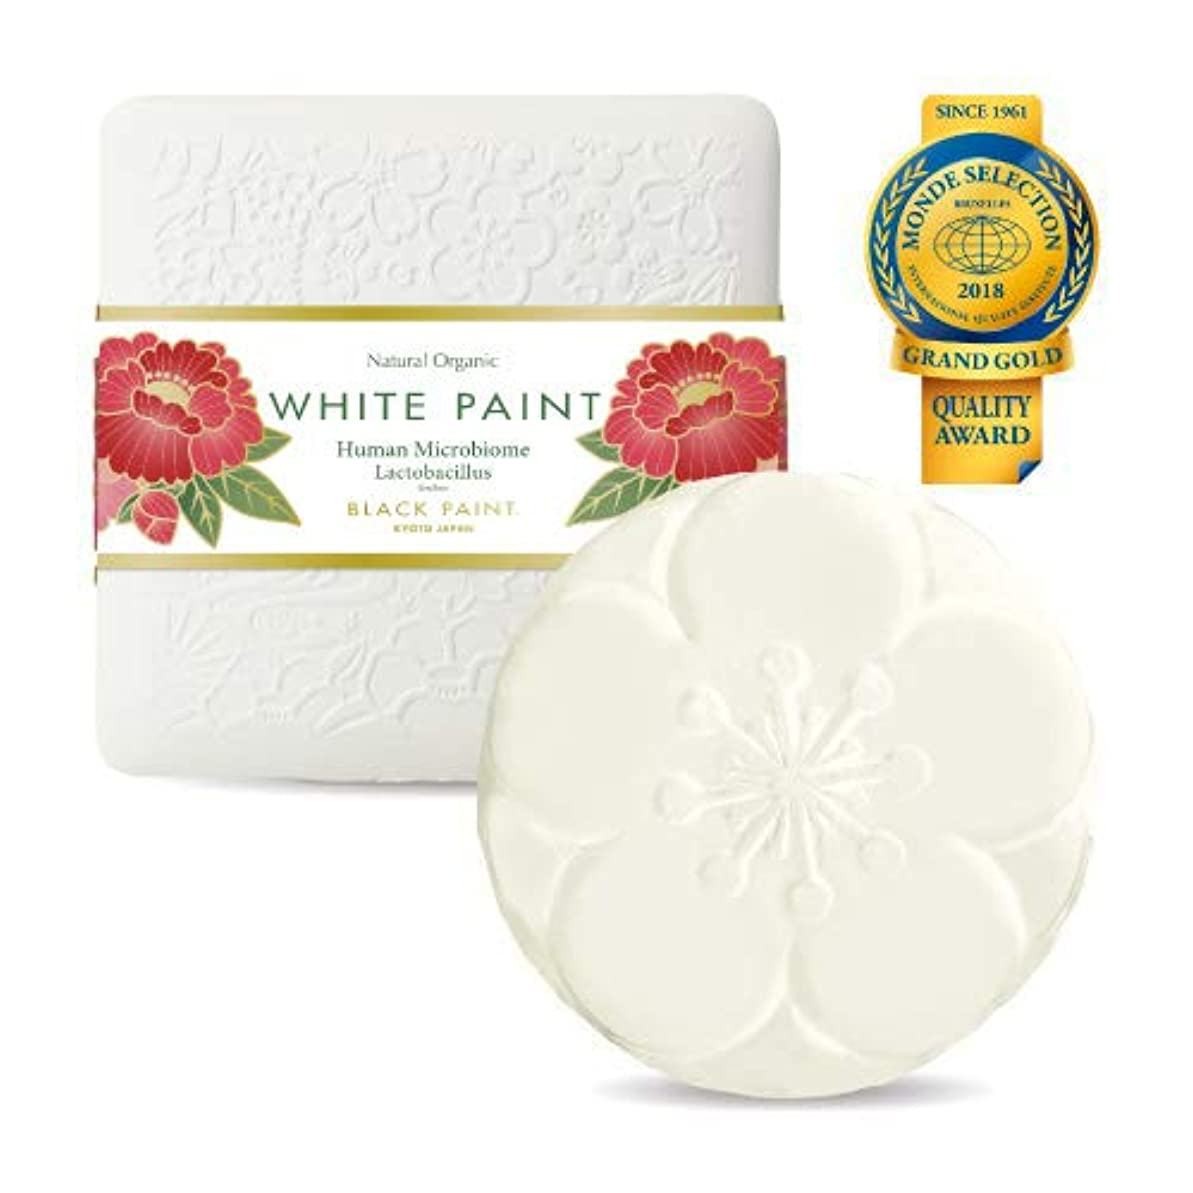 過剰作り努力乳酸菌入り プレミアム ホワイトペイント 60g ハーフサイズ 塗る洗顔 石鹸 無添加 国産 …